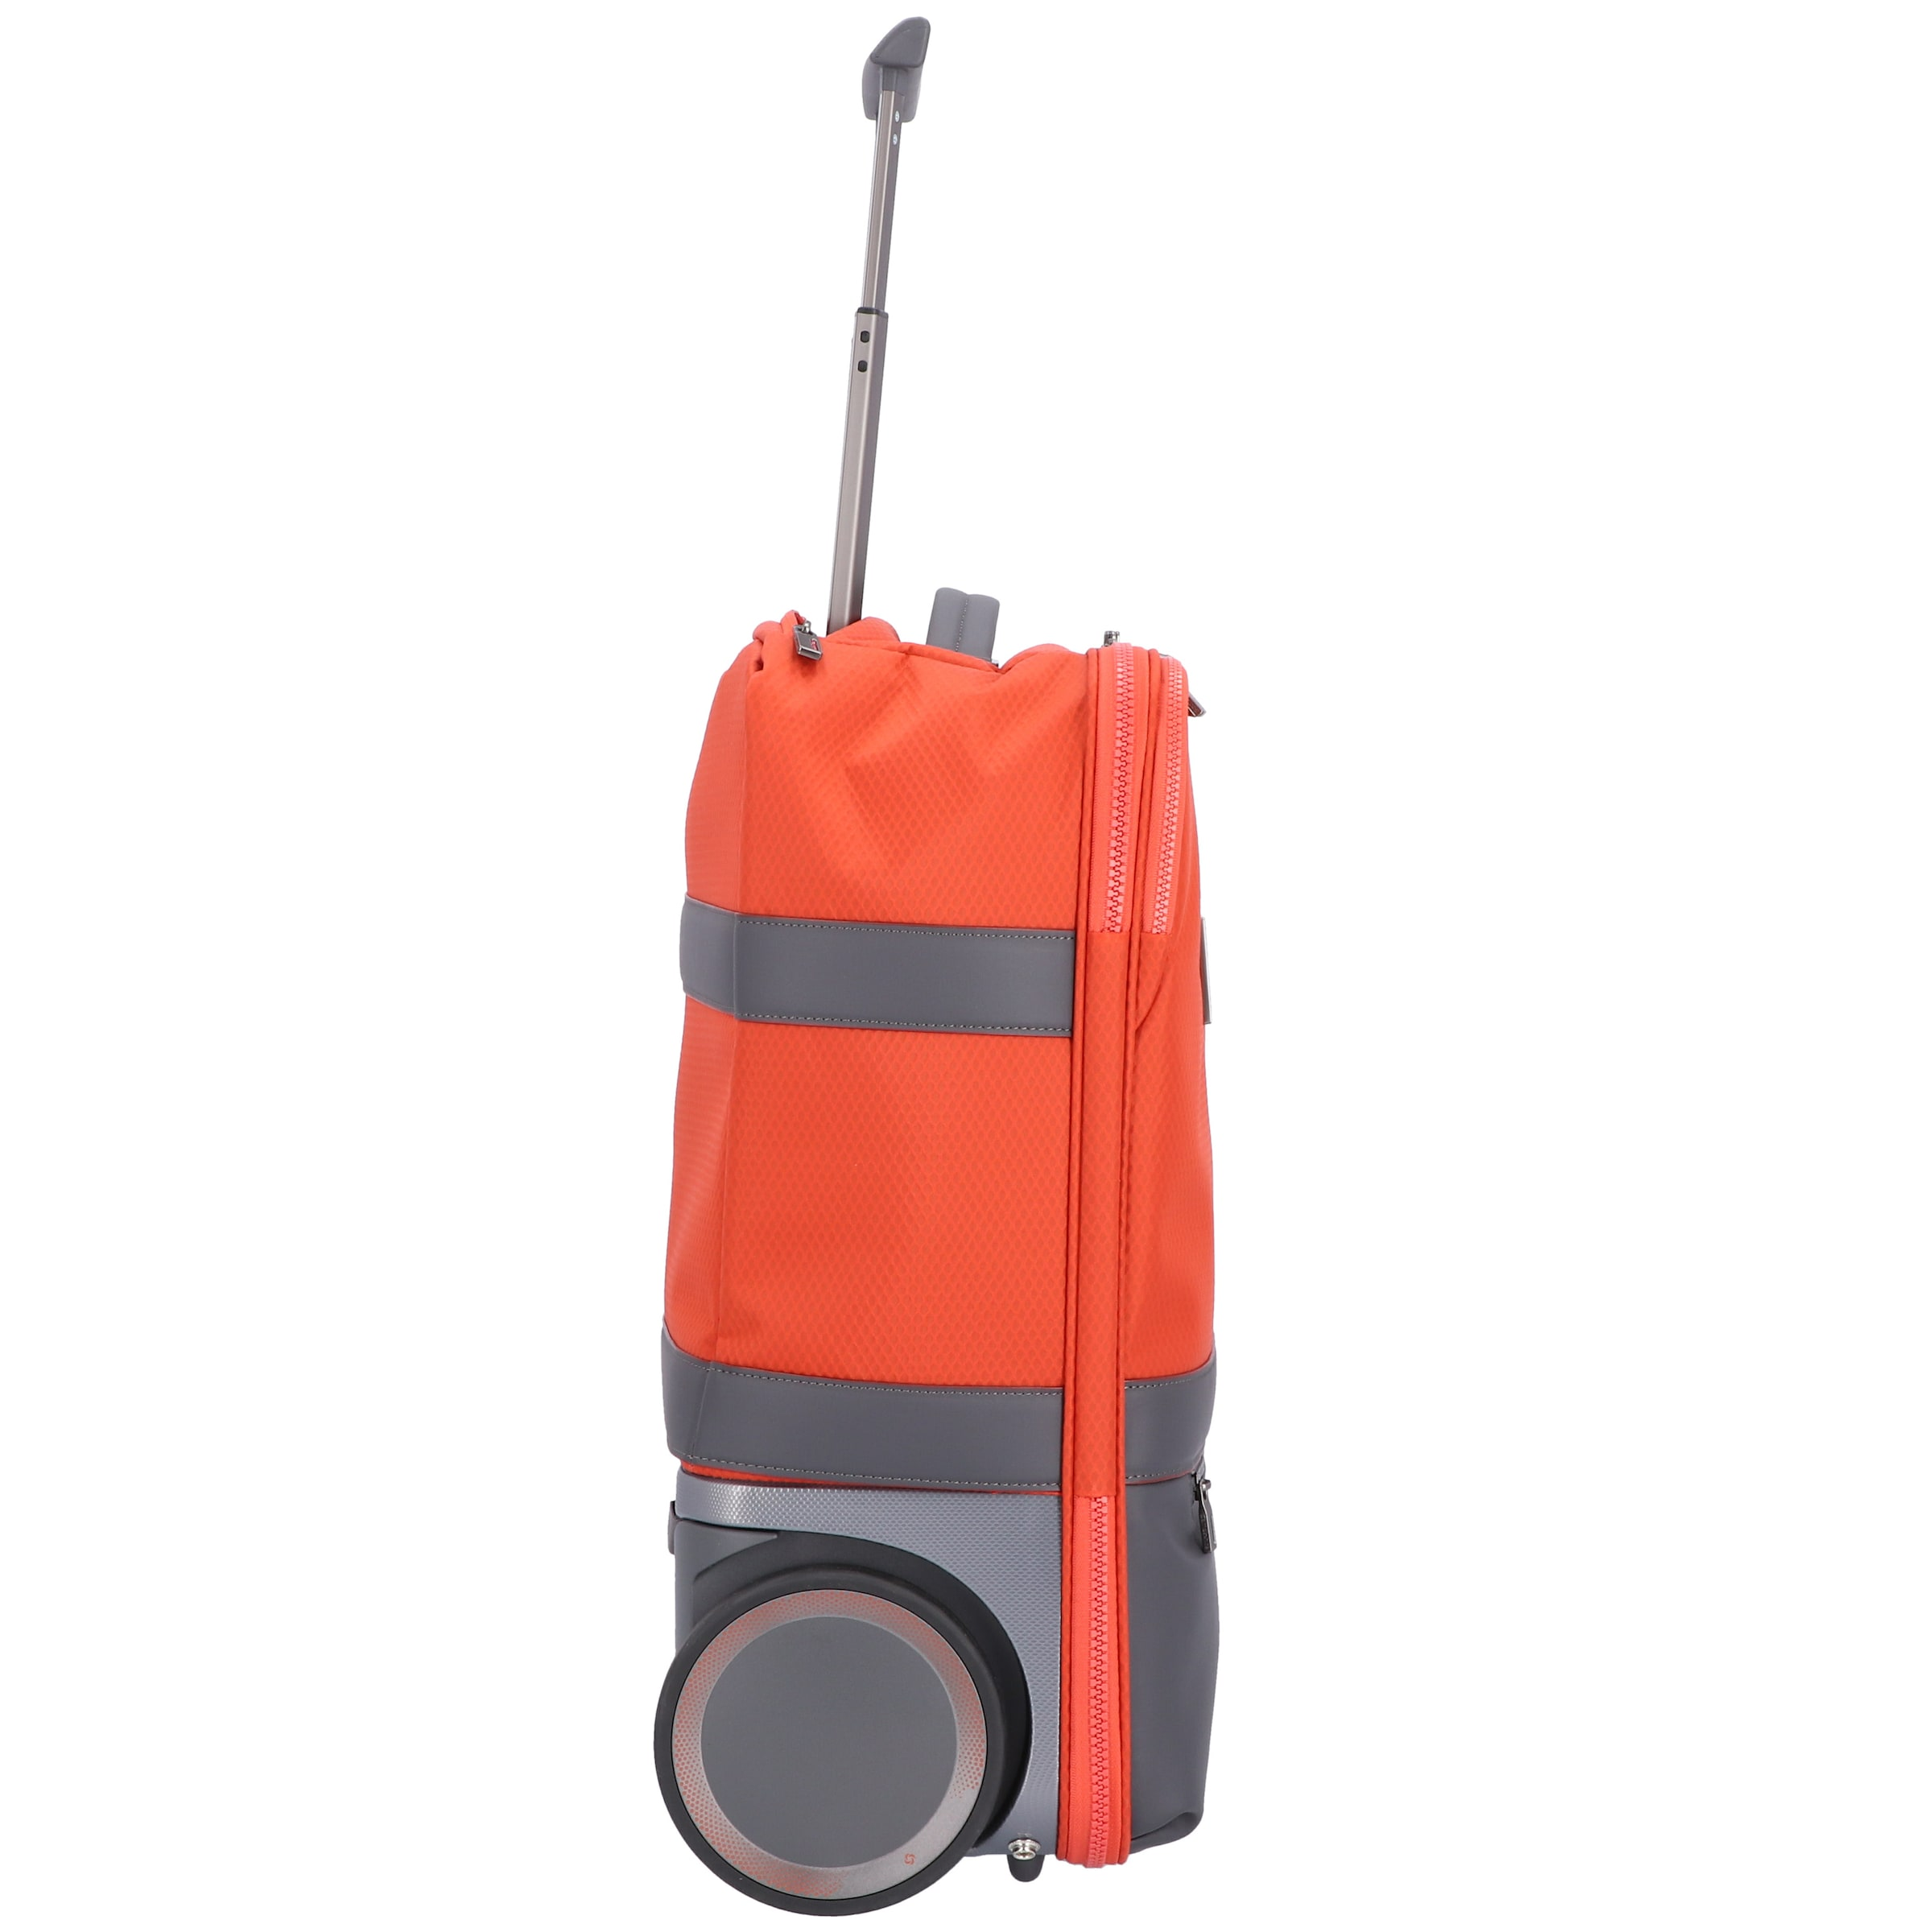 rollen Kabinentrolley Laptopfach' Trolley 2 In 'zigo 55 Cm Samsonite DunkelgrauNeonorange Fl1JcuTK3